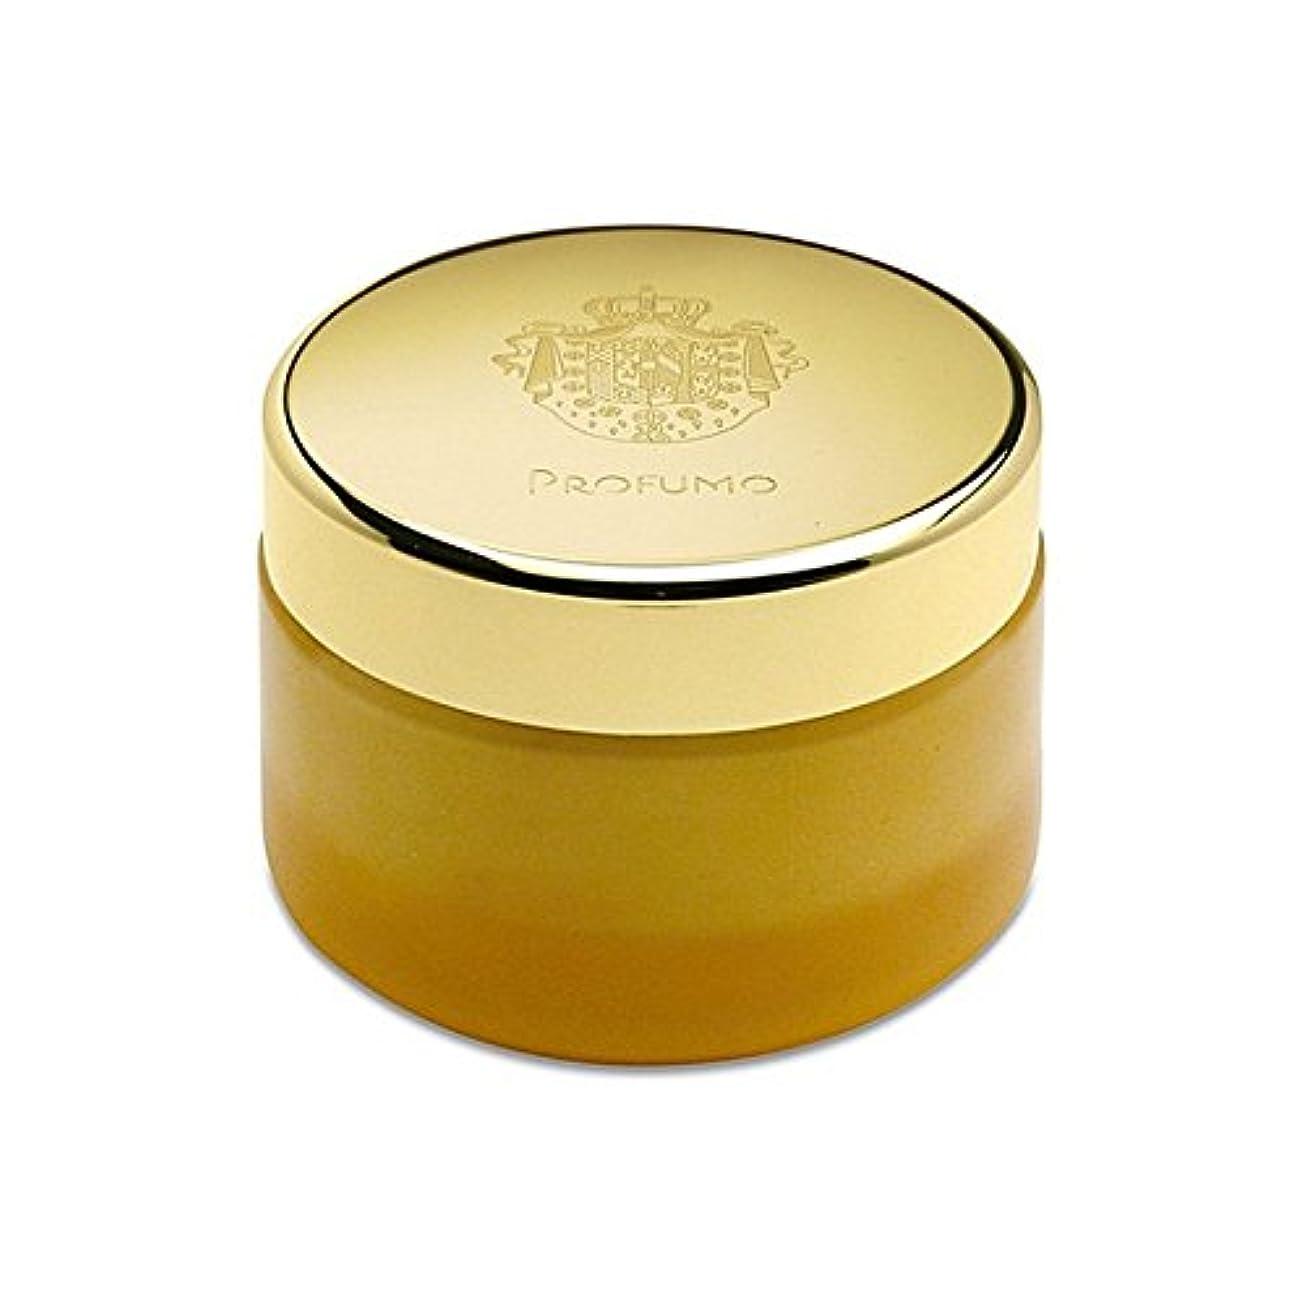 呪い私たちの満足アクアディパルマボディクリーム200ミリリットル x4 - Acqua Di Parma Profumo Body Cream 200ml (Pack of 4) [並行輸入品]